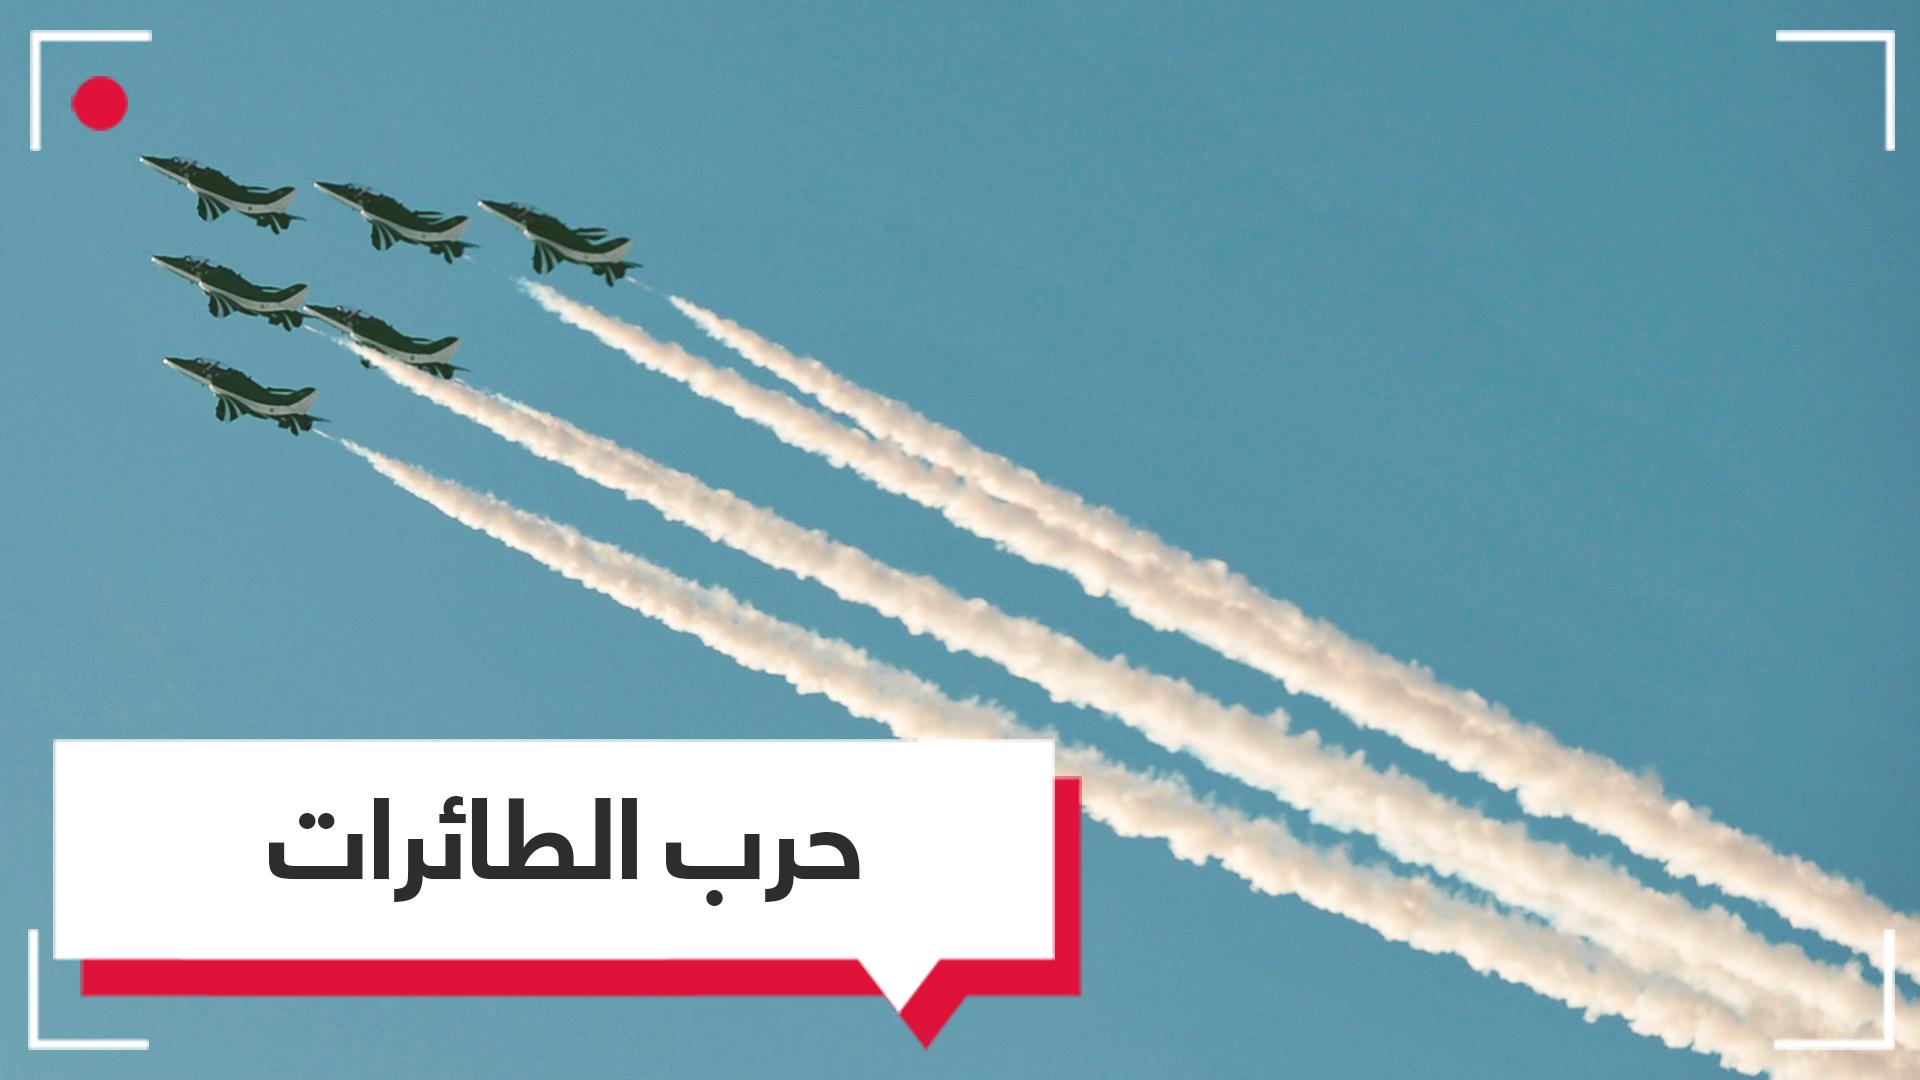 ماذا تعرف عن حرب الطائرات الإيرانية- السعودية؟